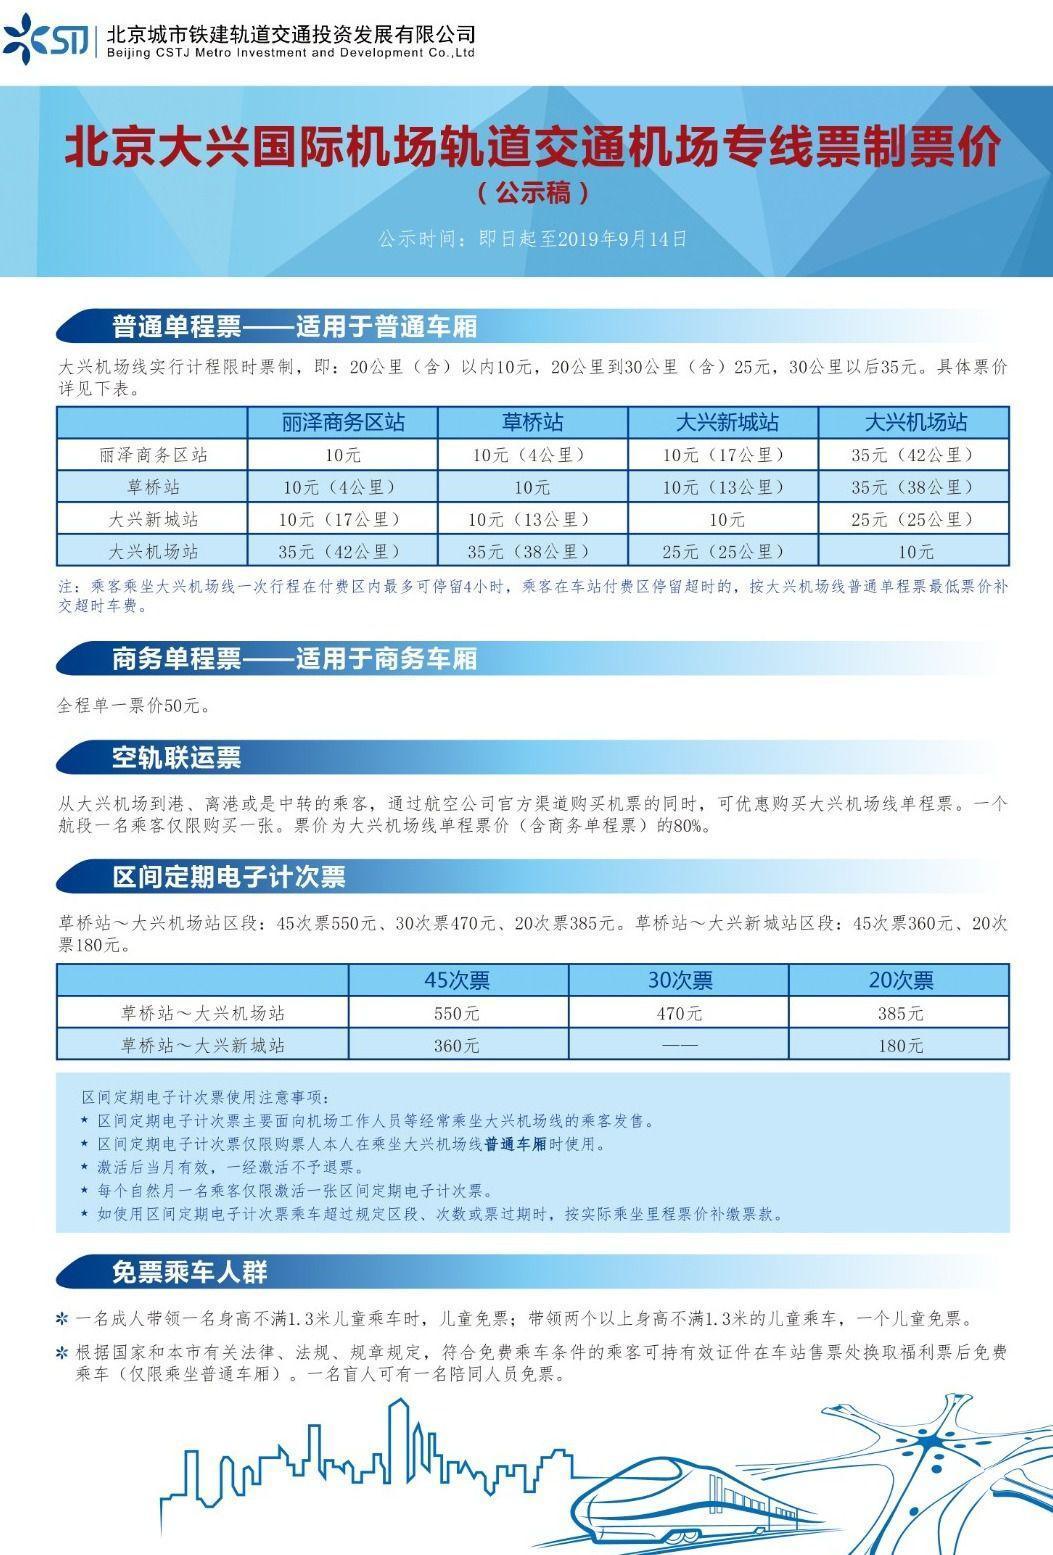 大兴机场线票价公示:共4种票价普通单程票最高35元